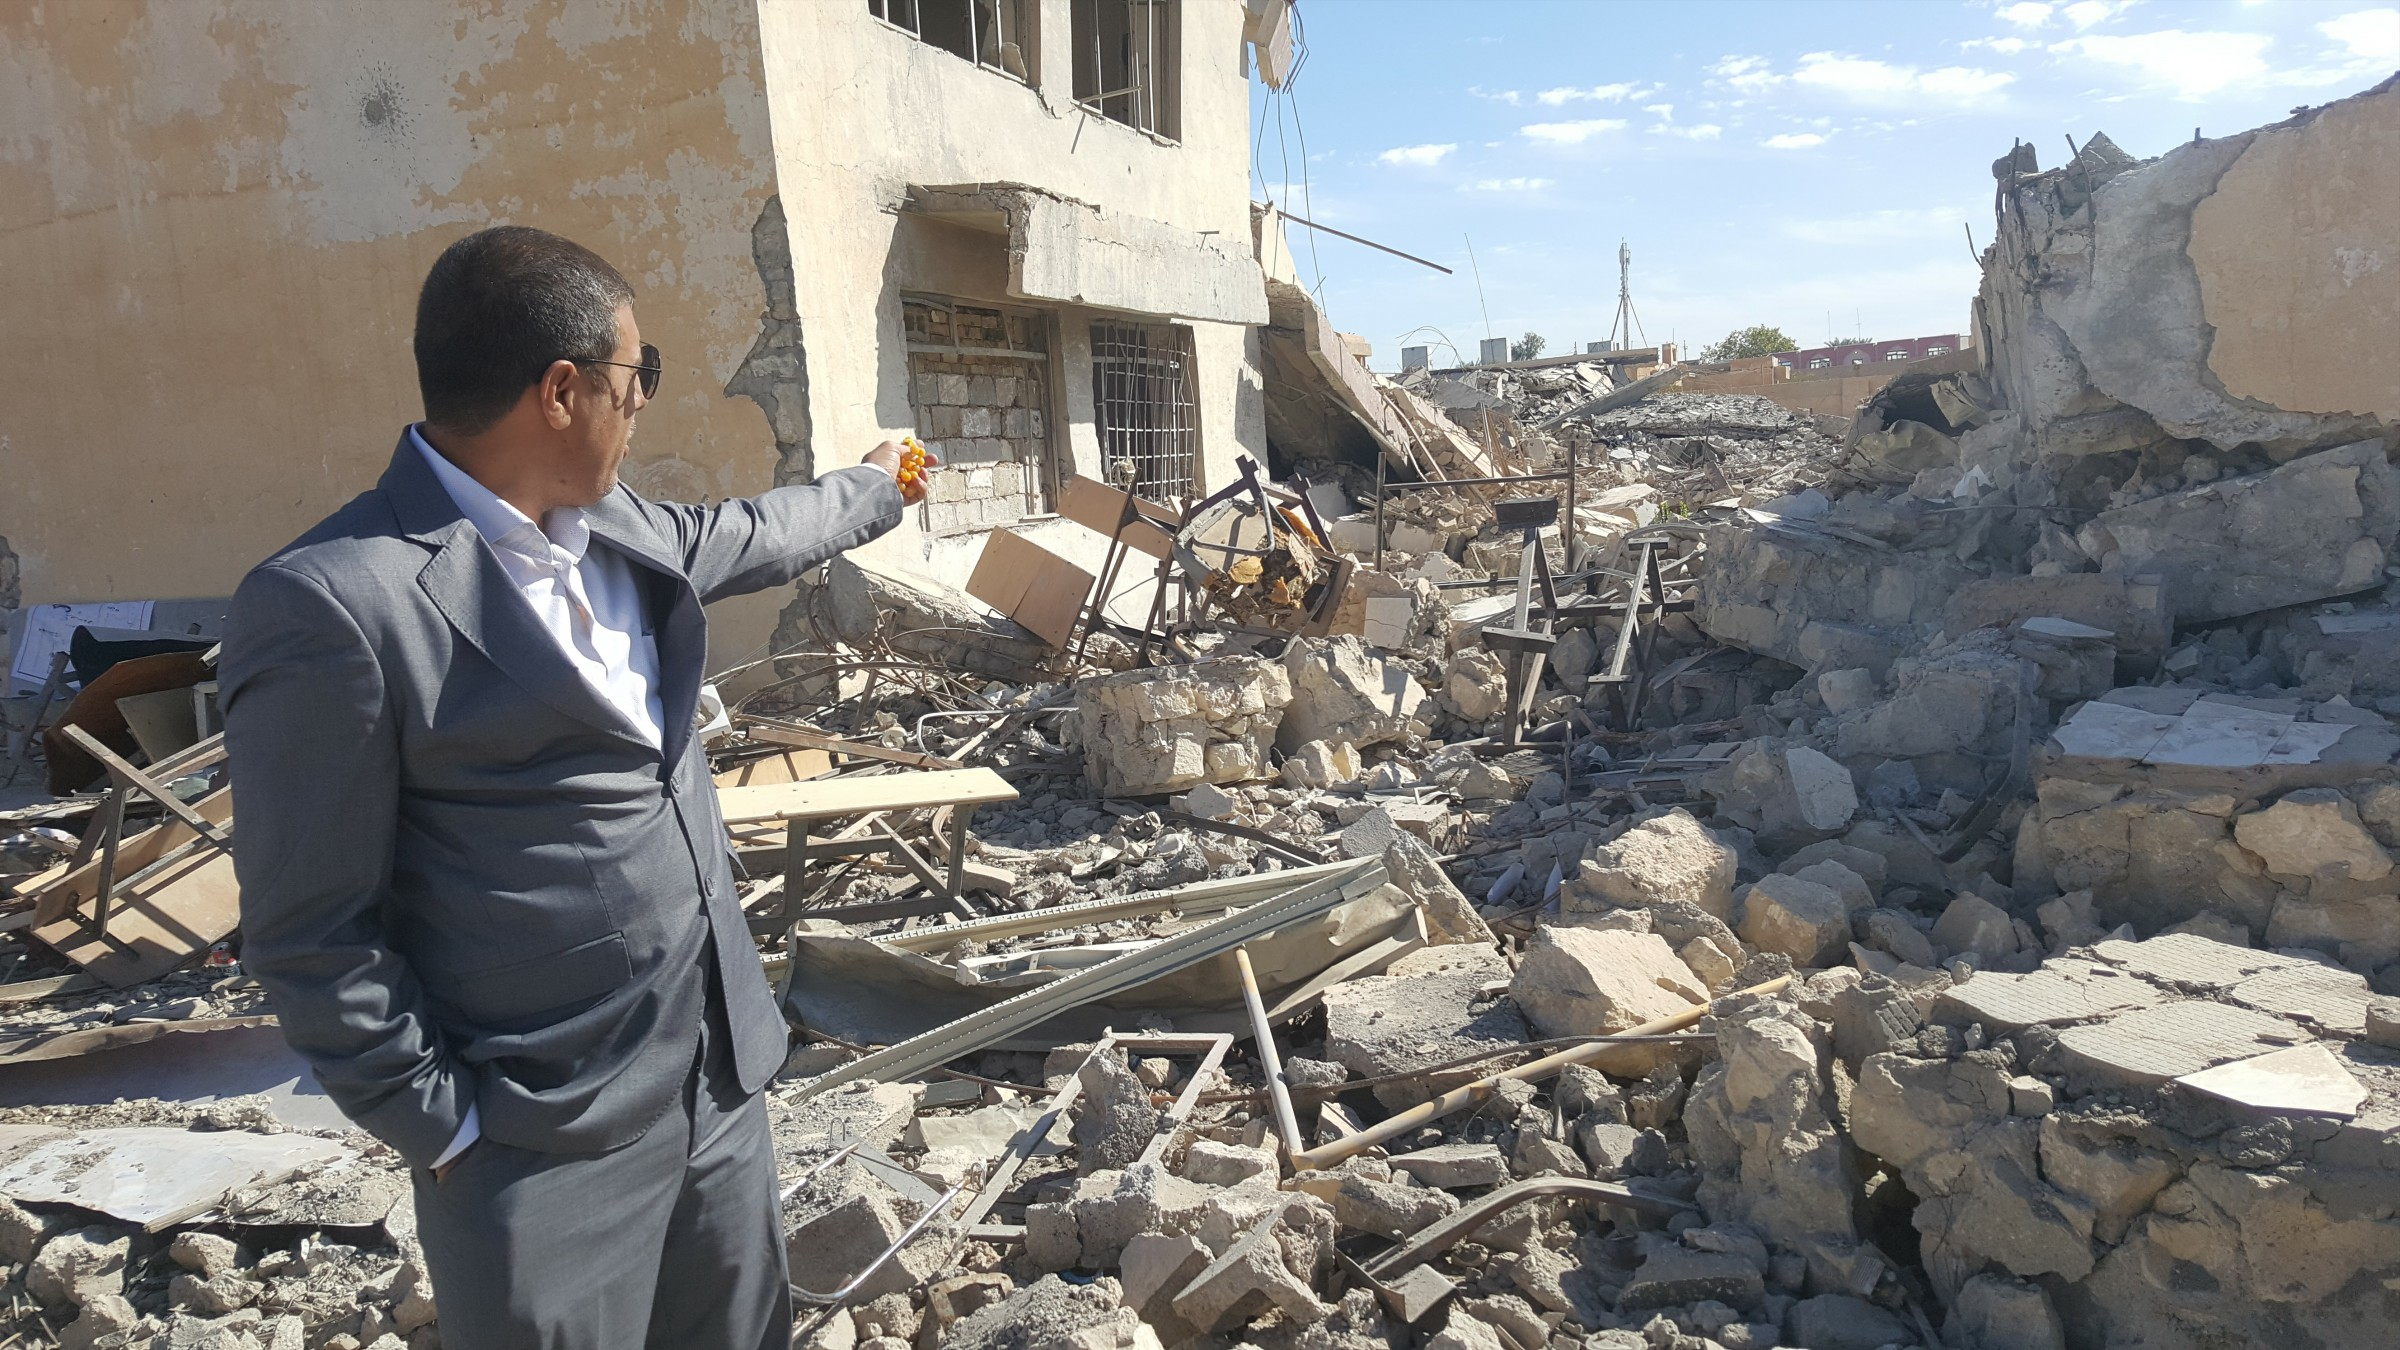 بعد عام على تحريرها.. الرمادي العراقية تنتظر إعادة الإعمار